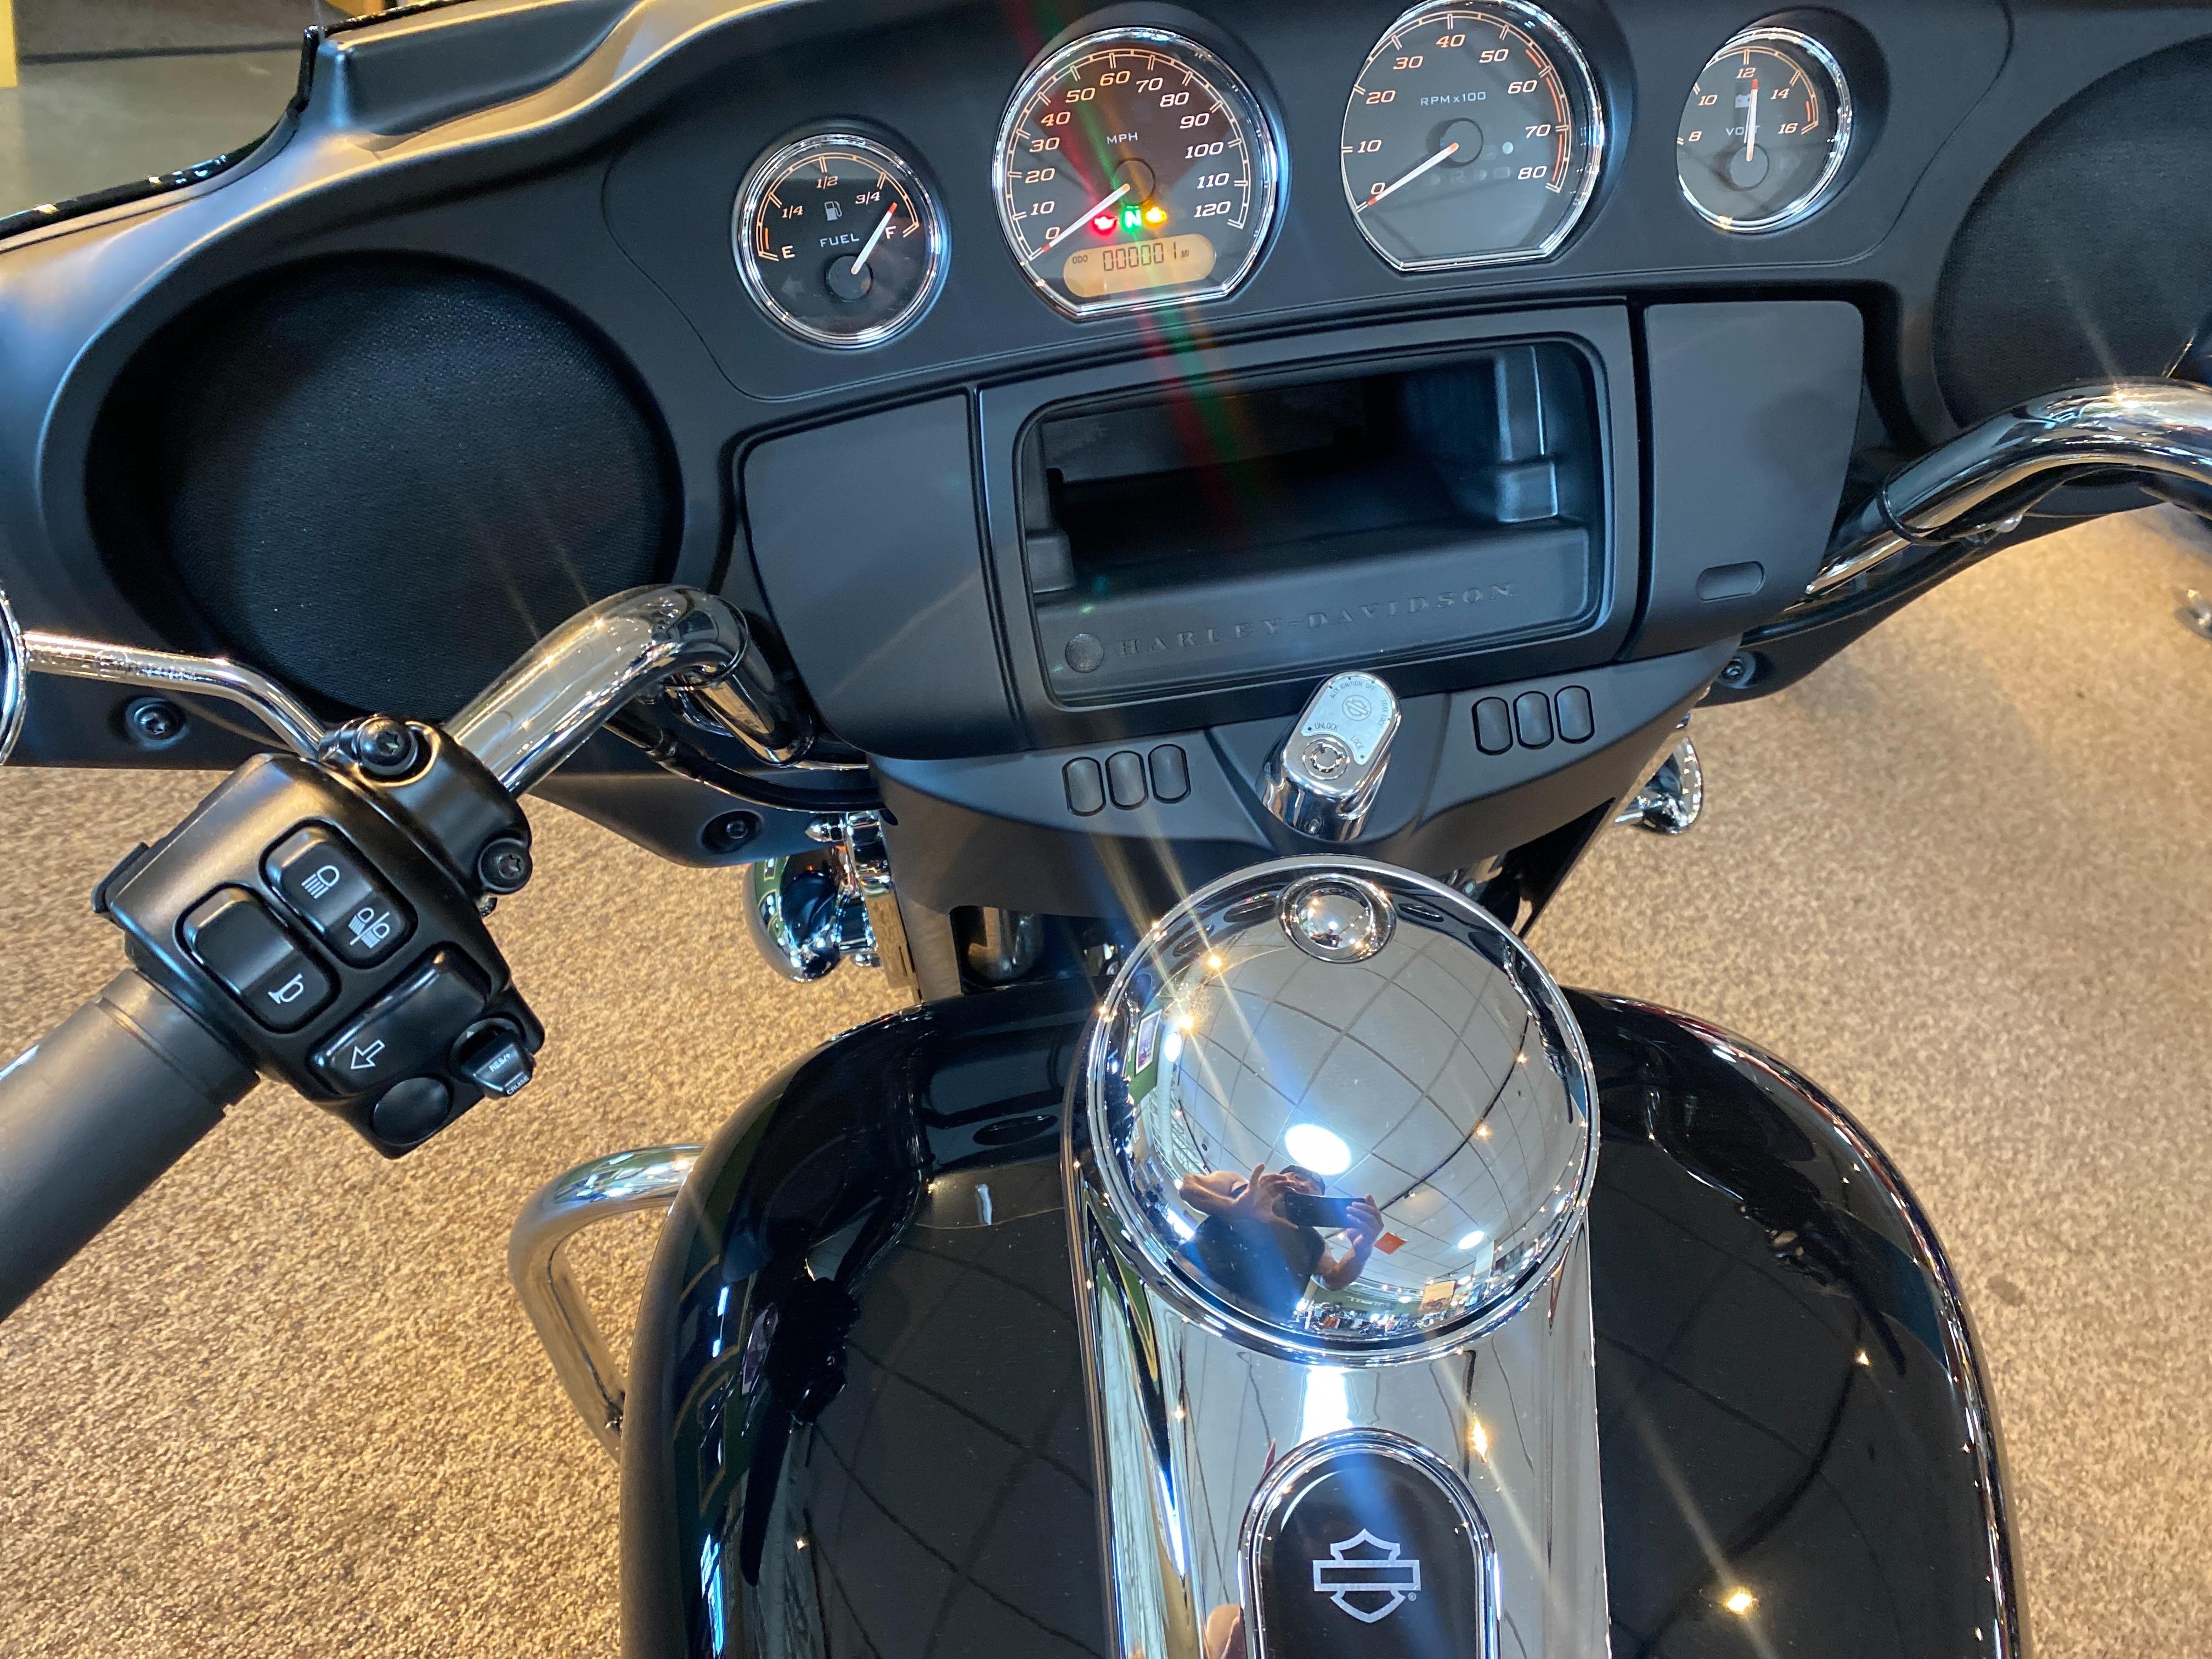 2021 HARLEY DAVIDSON FLHT at Outpost Harley-Davidson